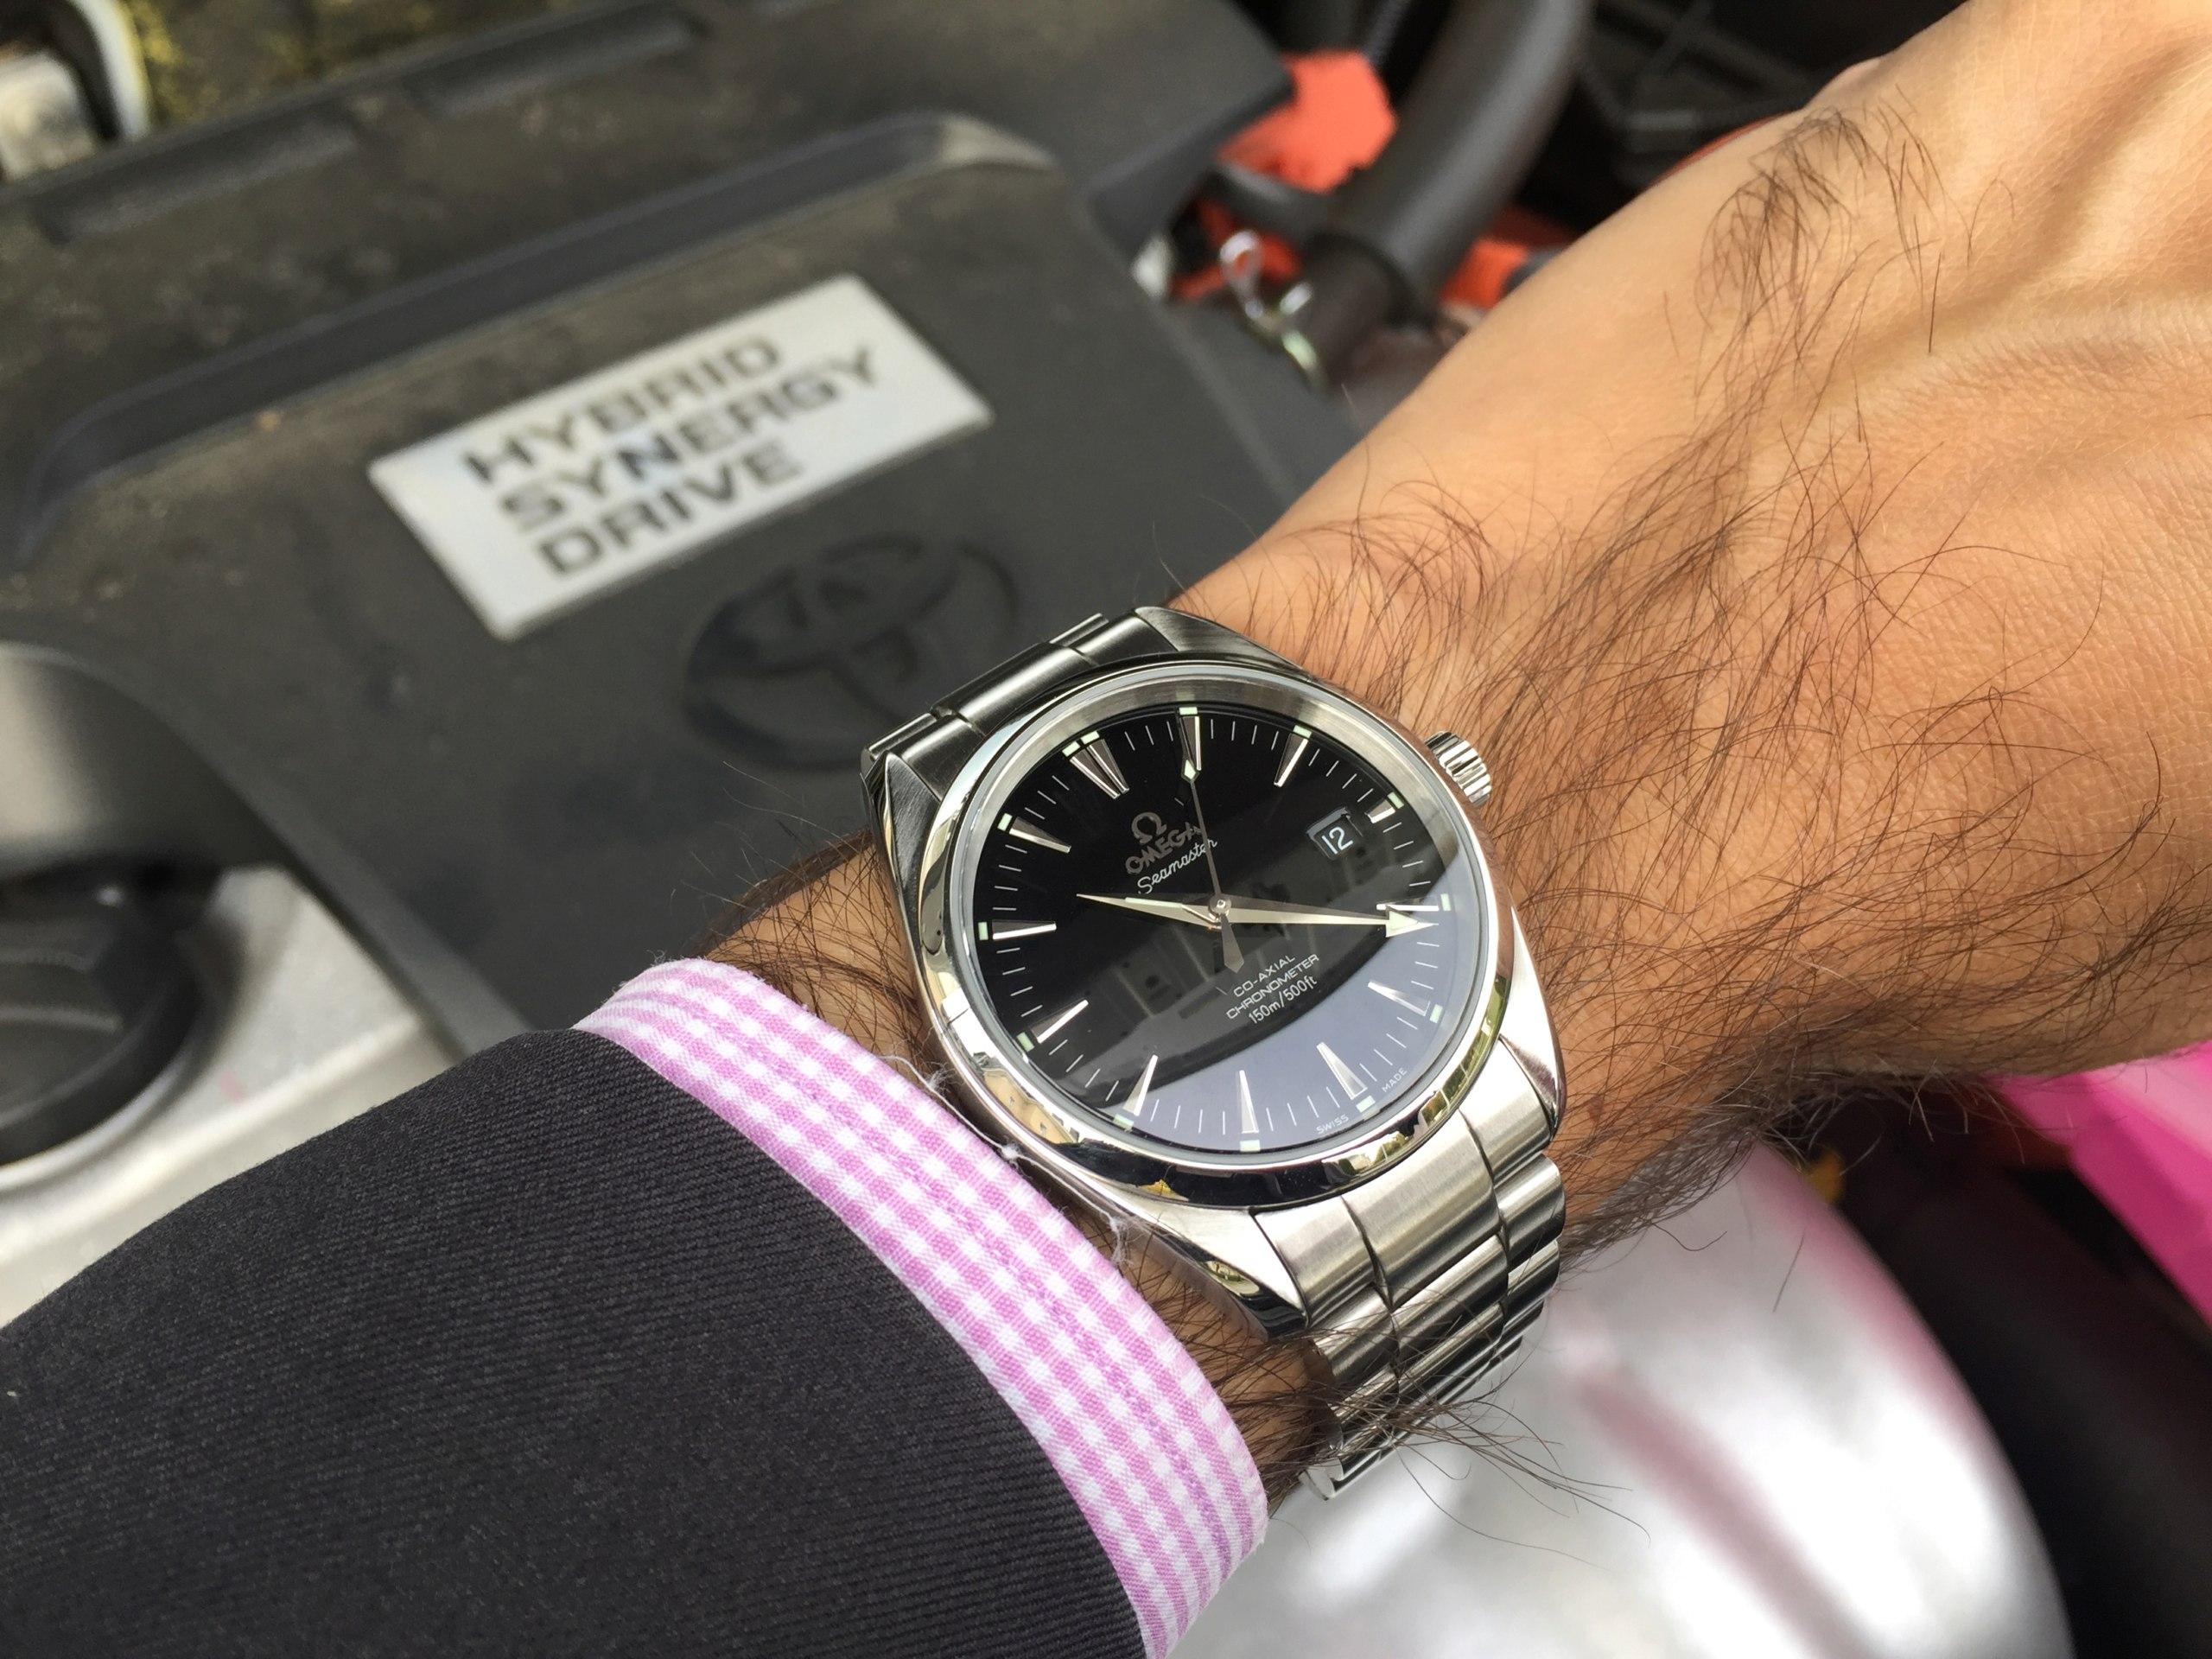 FEU de vos montres sur votre lieu de travail ! - tome 2 - Page 22 Img_5643